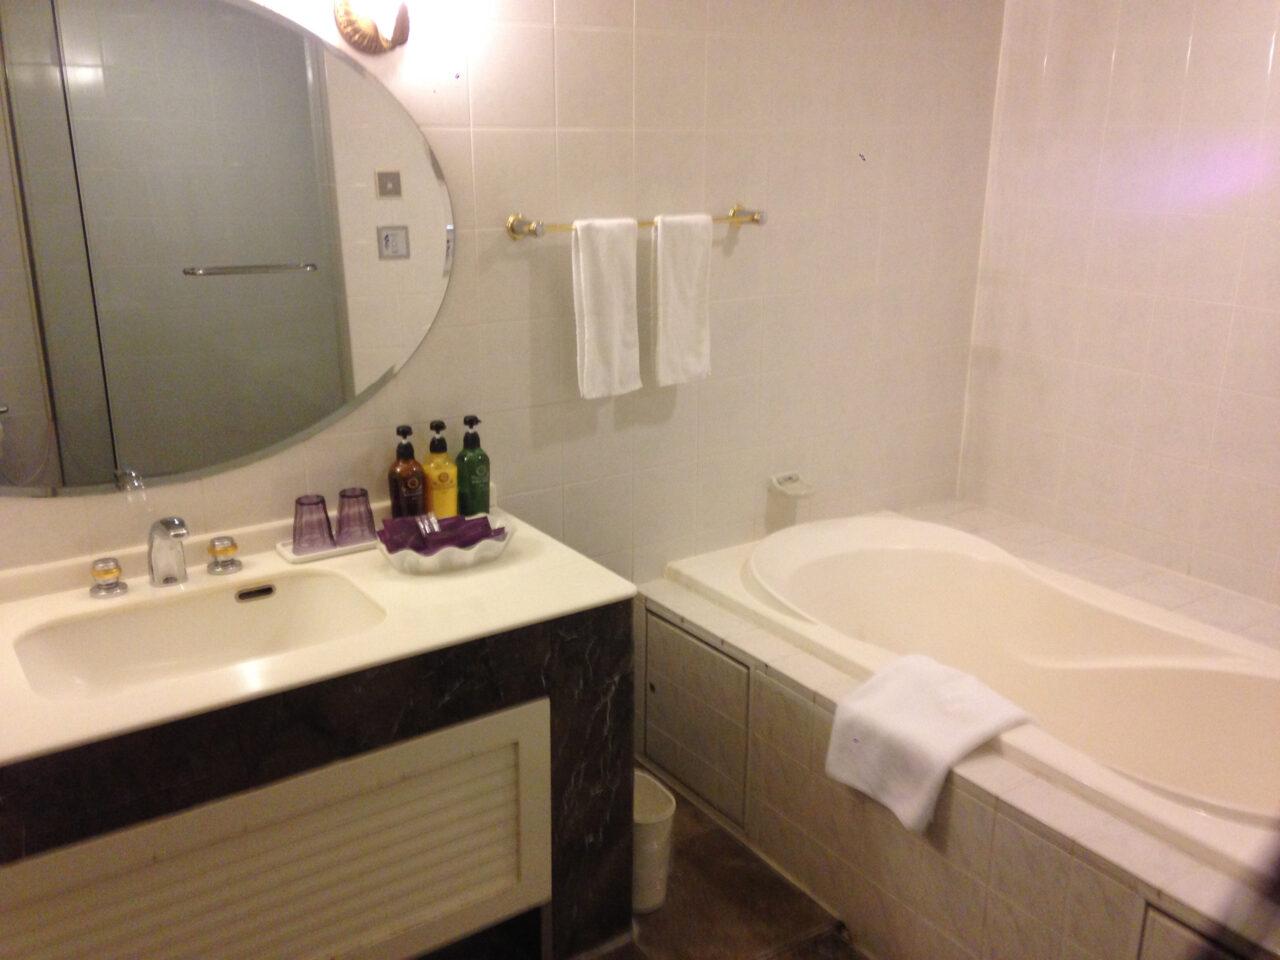 めんどくさくてもお風呂でリフレッシュ。お風呂に入るのが楽しくなる方法3選